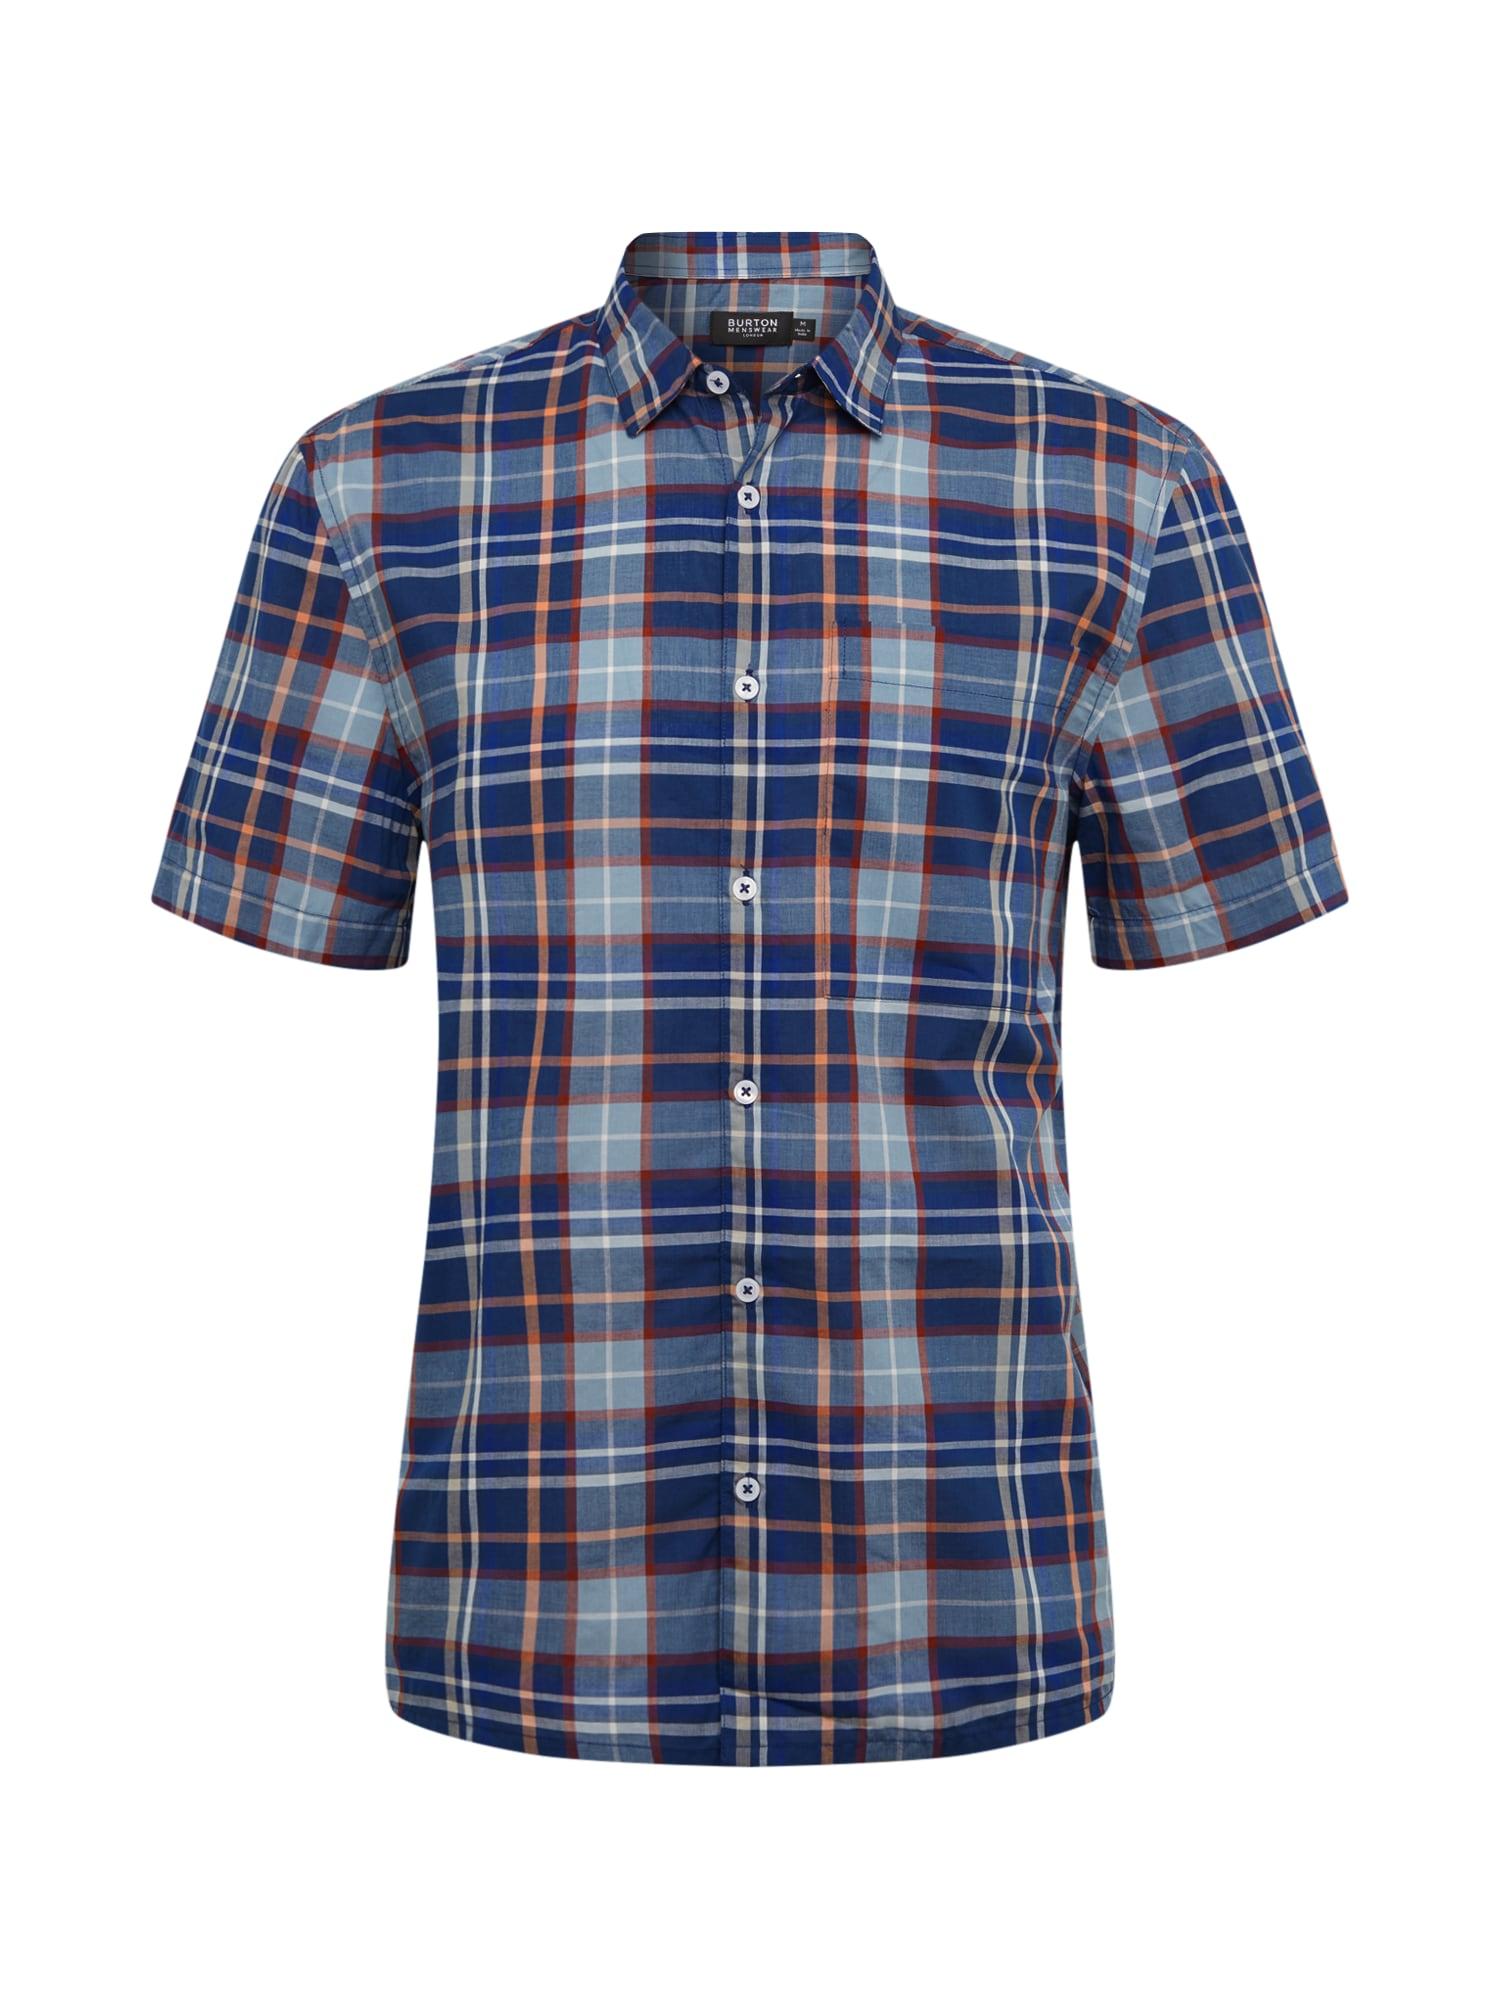 BURTON MENSWEAR LONDON Marškiniai dangaus žydra